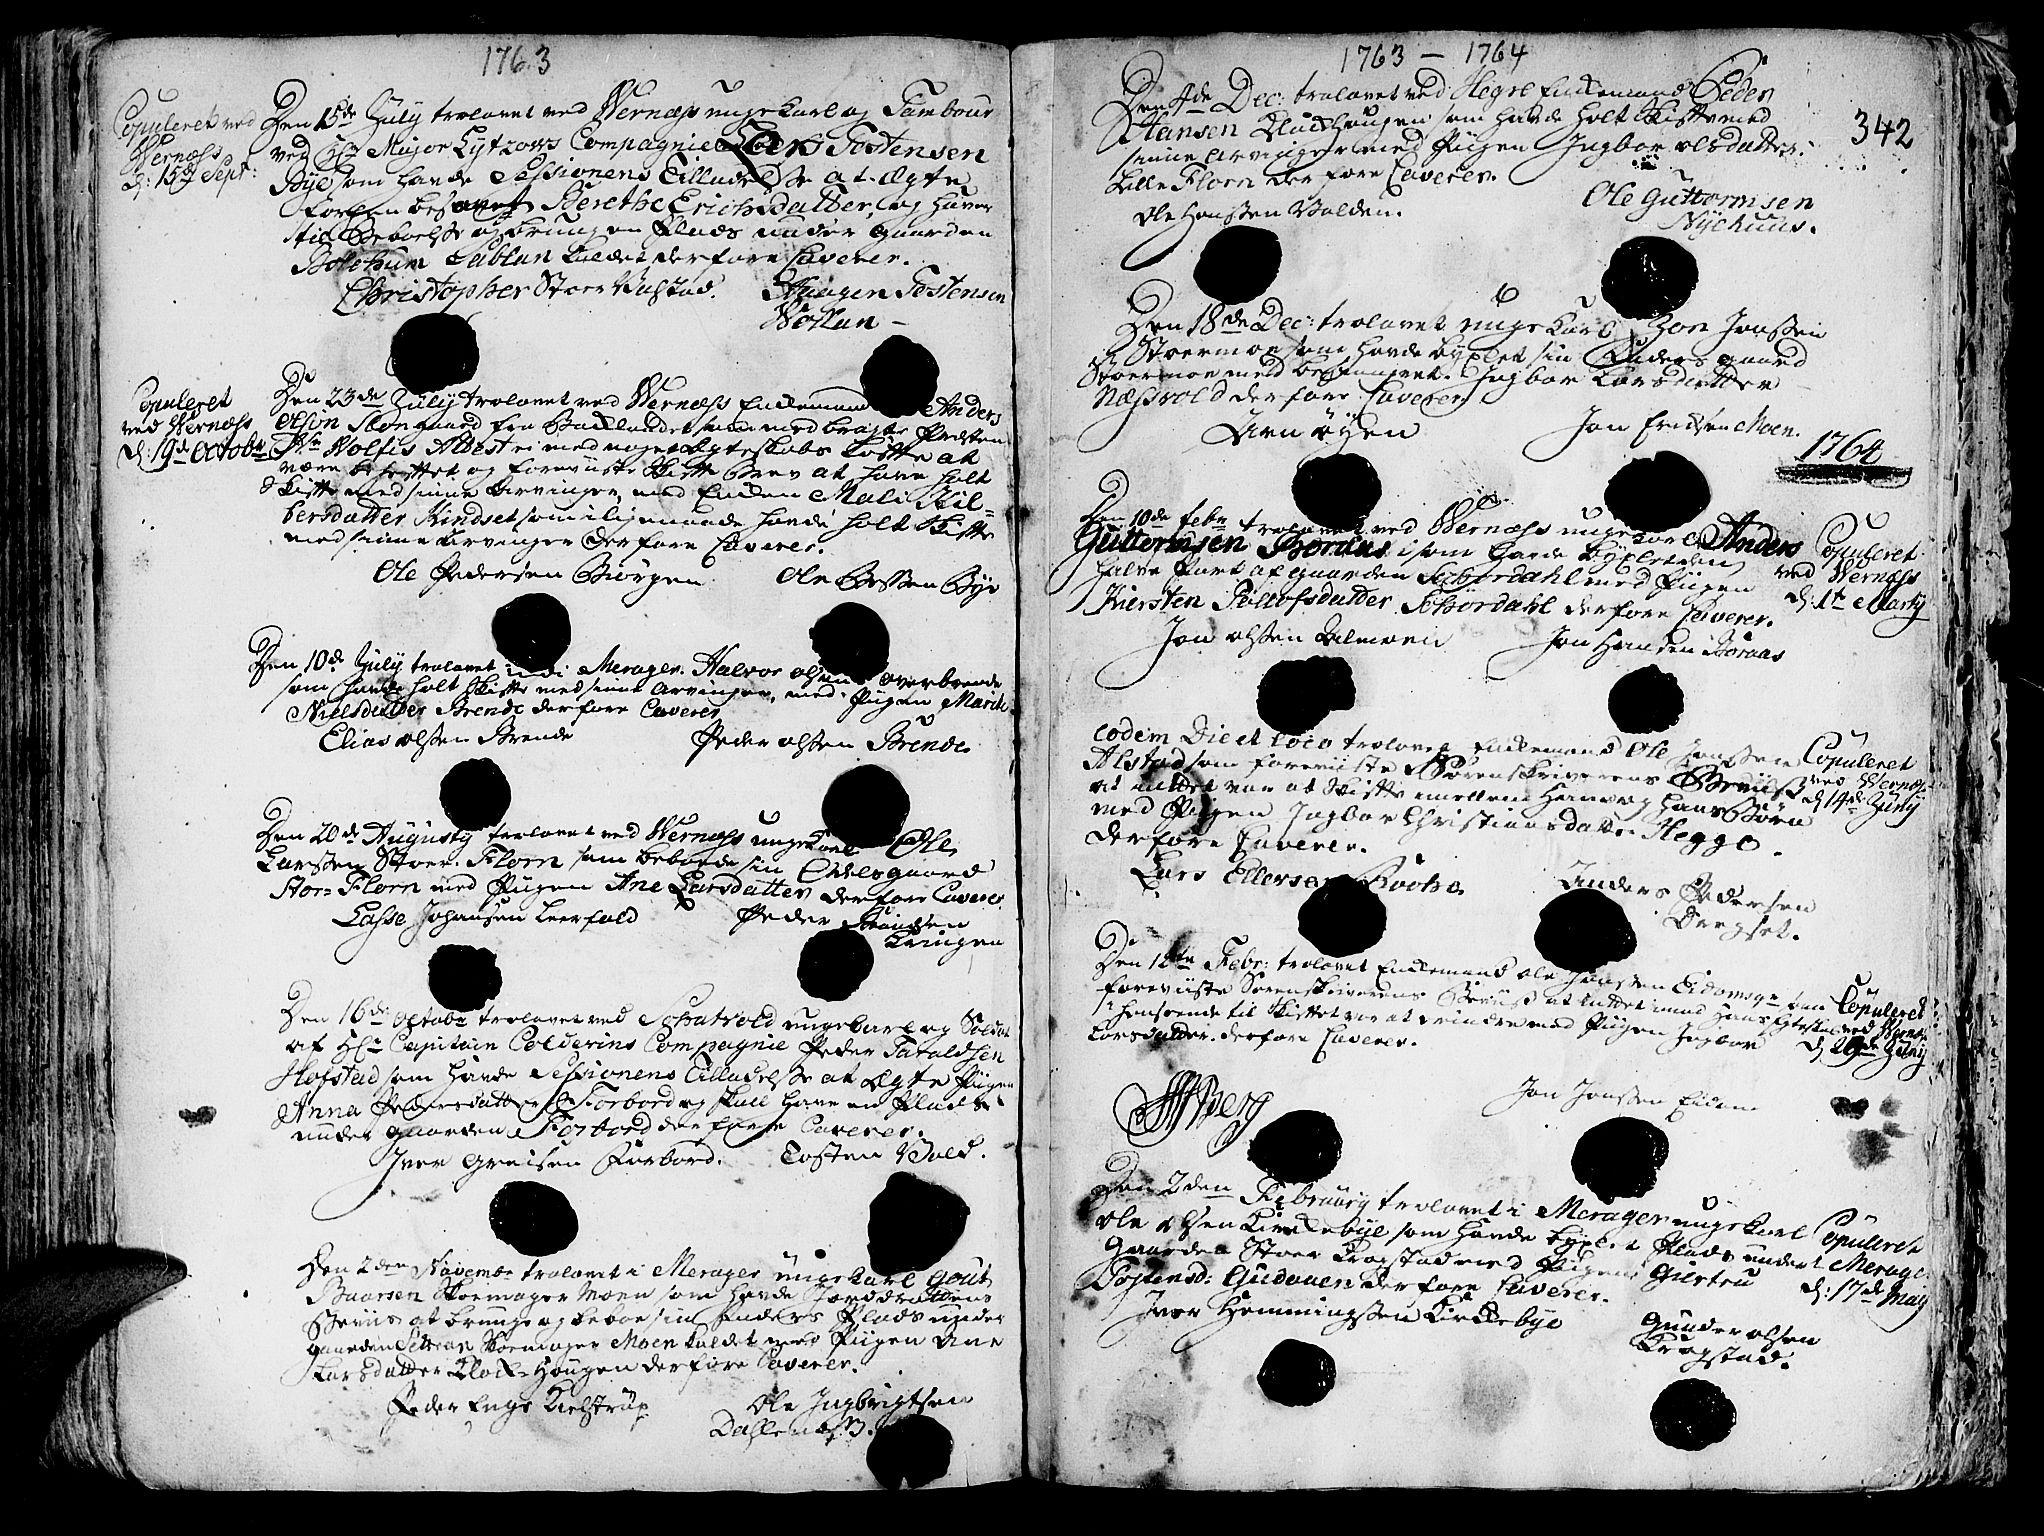 SAT, Ministerialprotokoller, klokkerbøker og fødselsregistre - Nord-Trøndelag, 709/L0057: Ministerialbok nr. 709A05, 1755-1780, s. 342